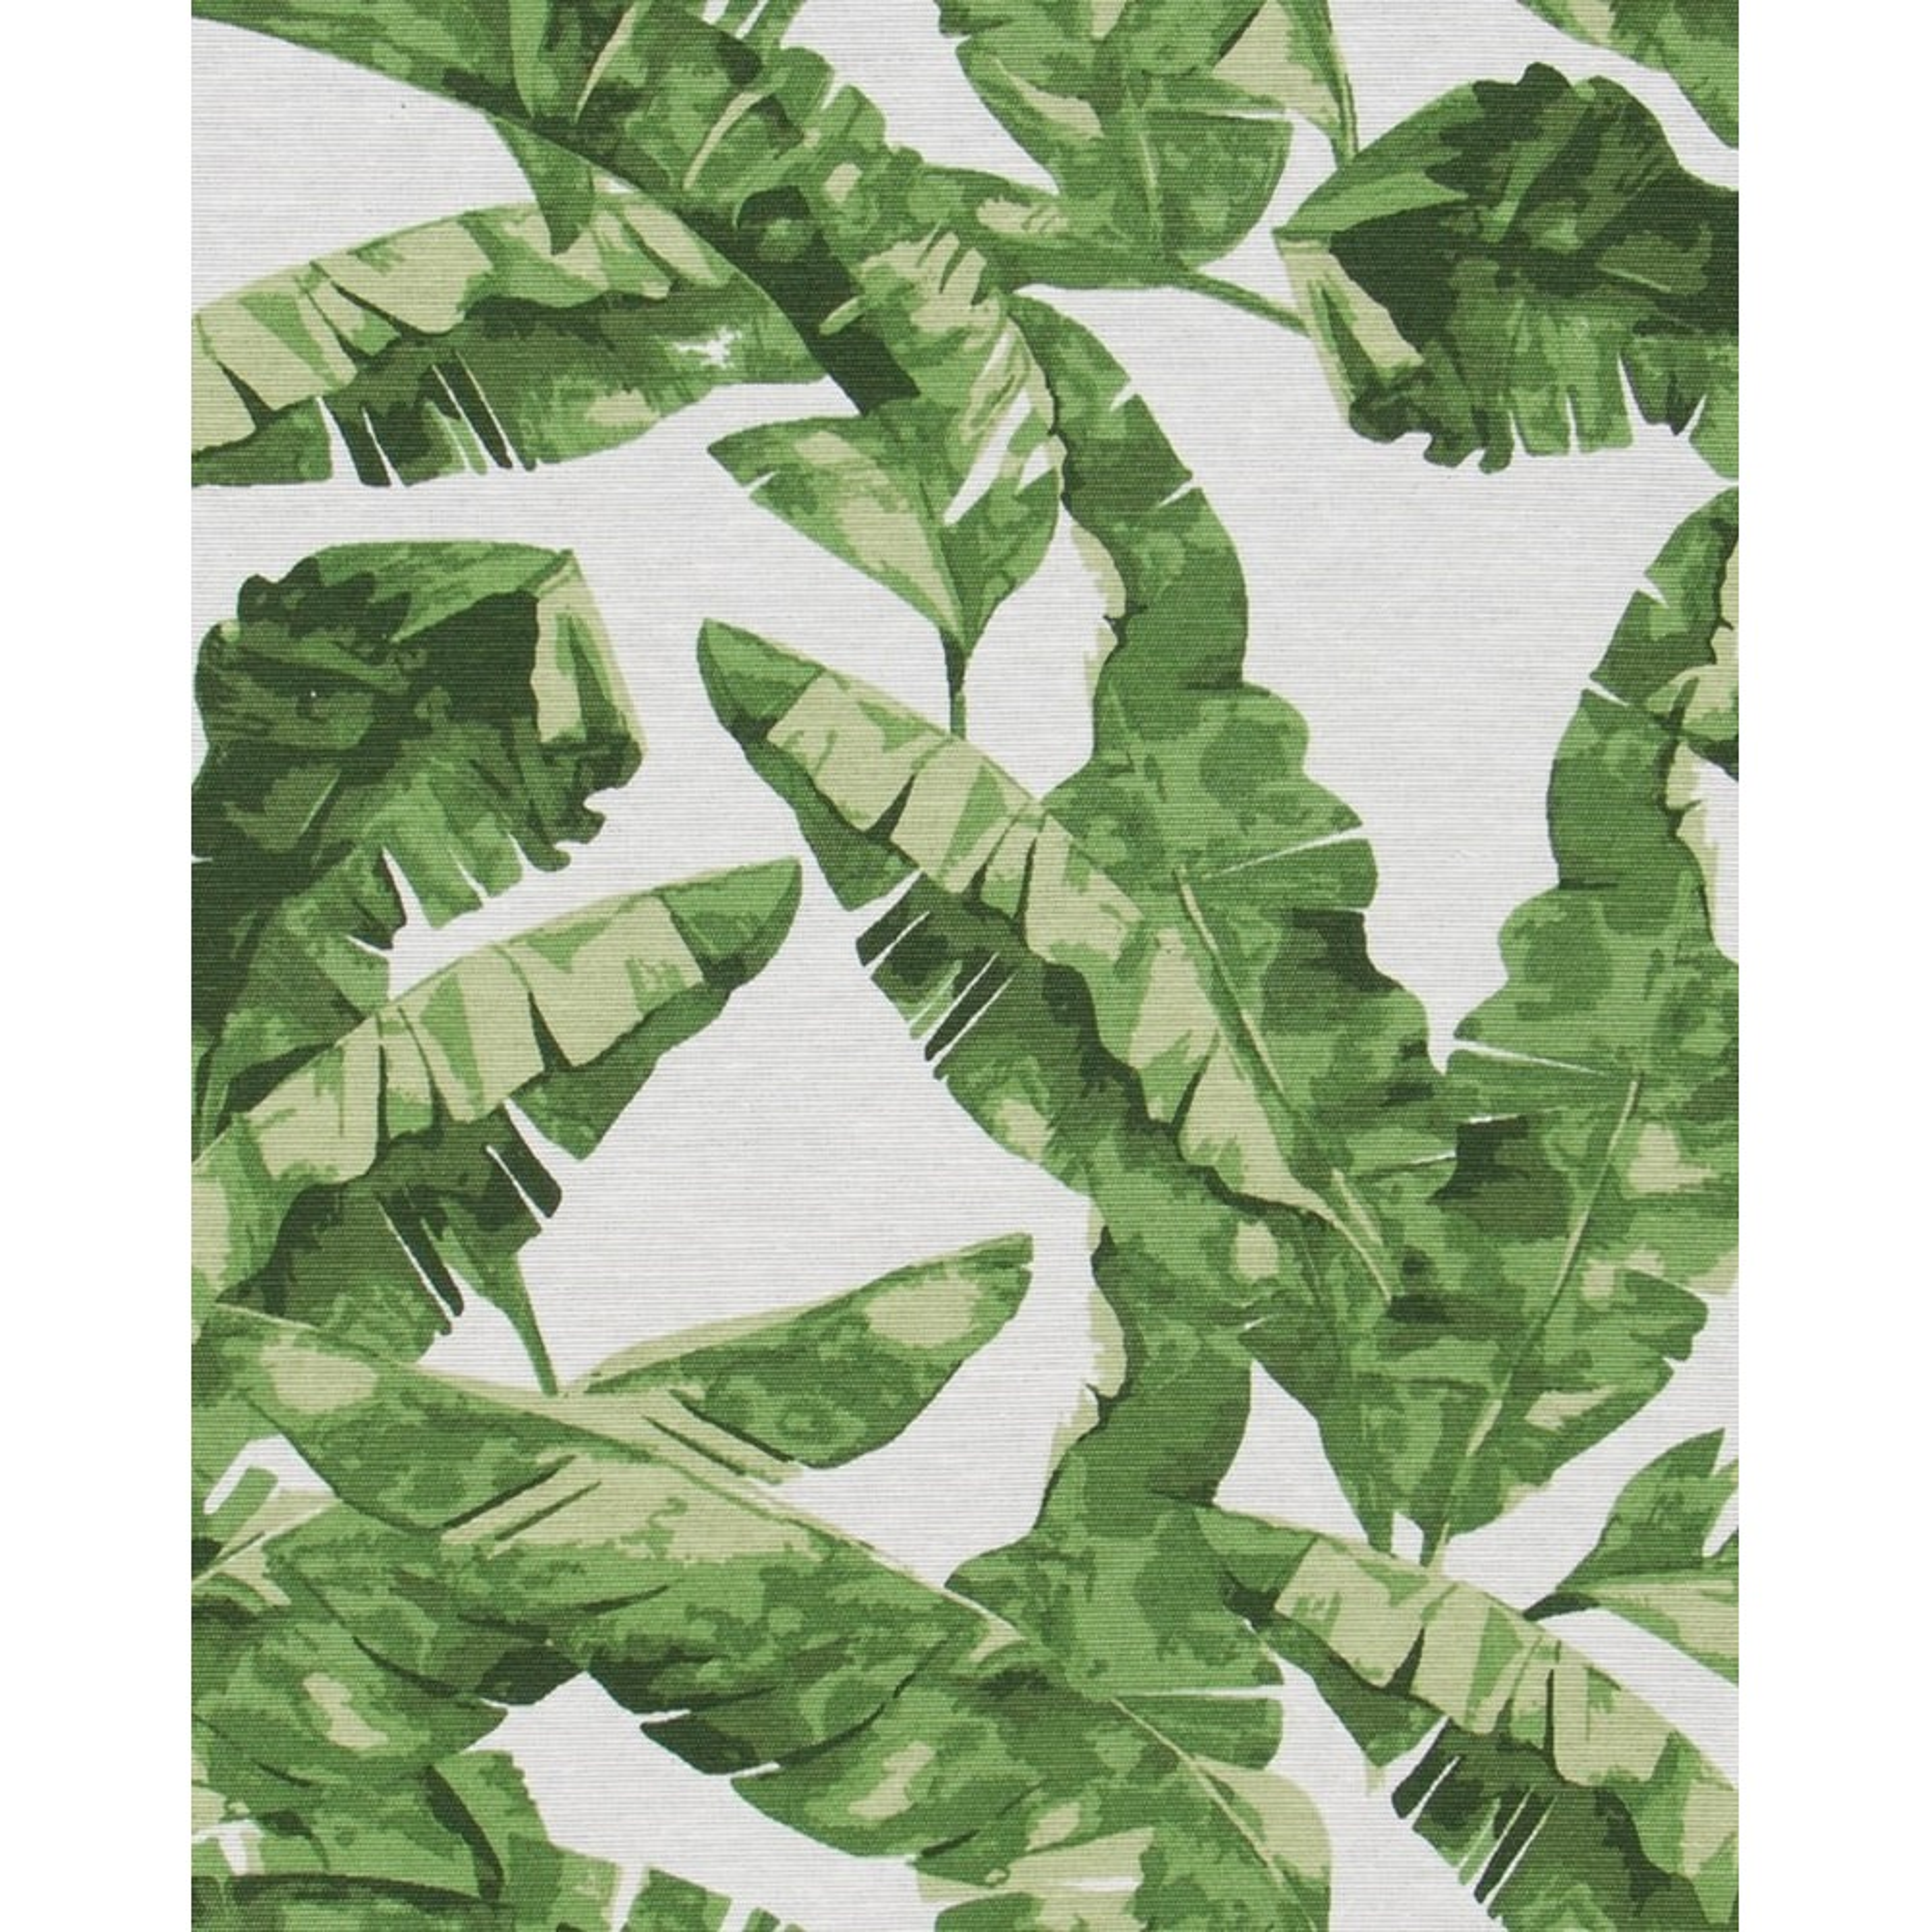 Ύφασμα τροπικά φύλλα - NT-308605